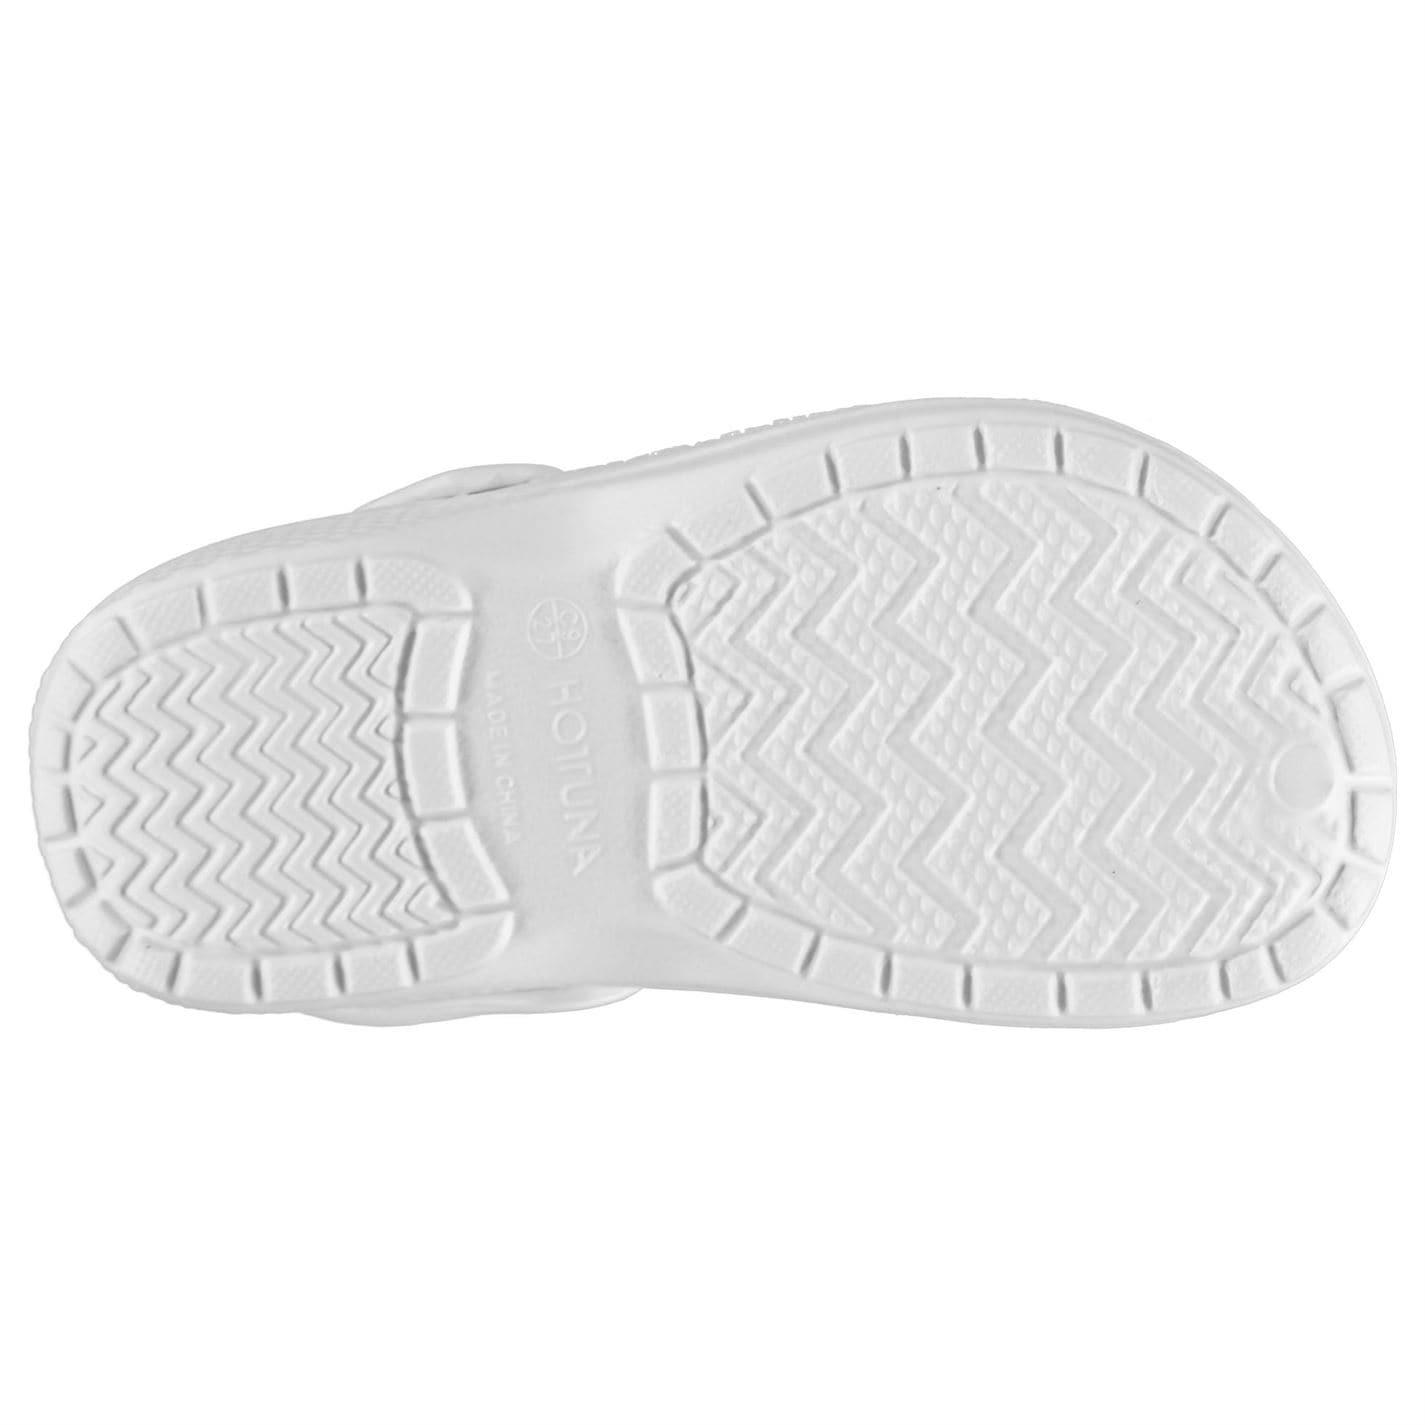 Détails Sur Hot Tuna Enfants Sabots Chaussures D'été Sandales Plage Piscine  Confortables avec Sandales De Piscine